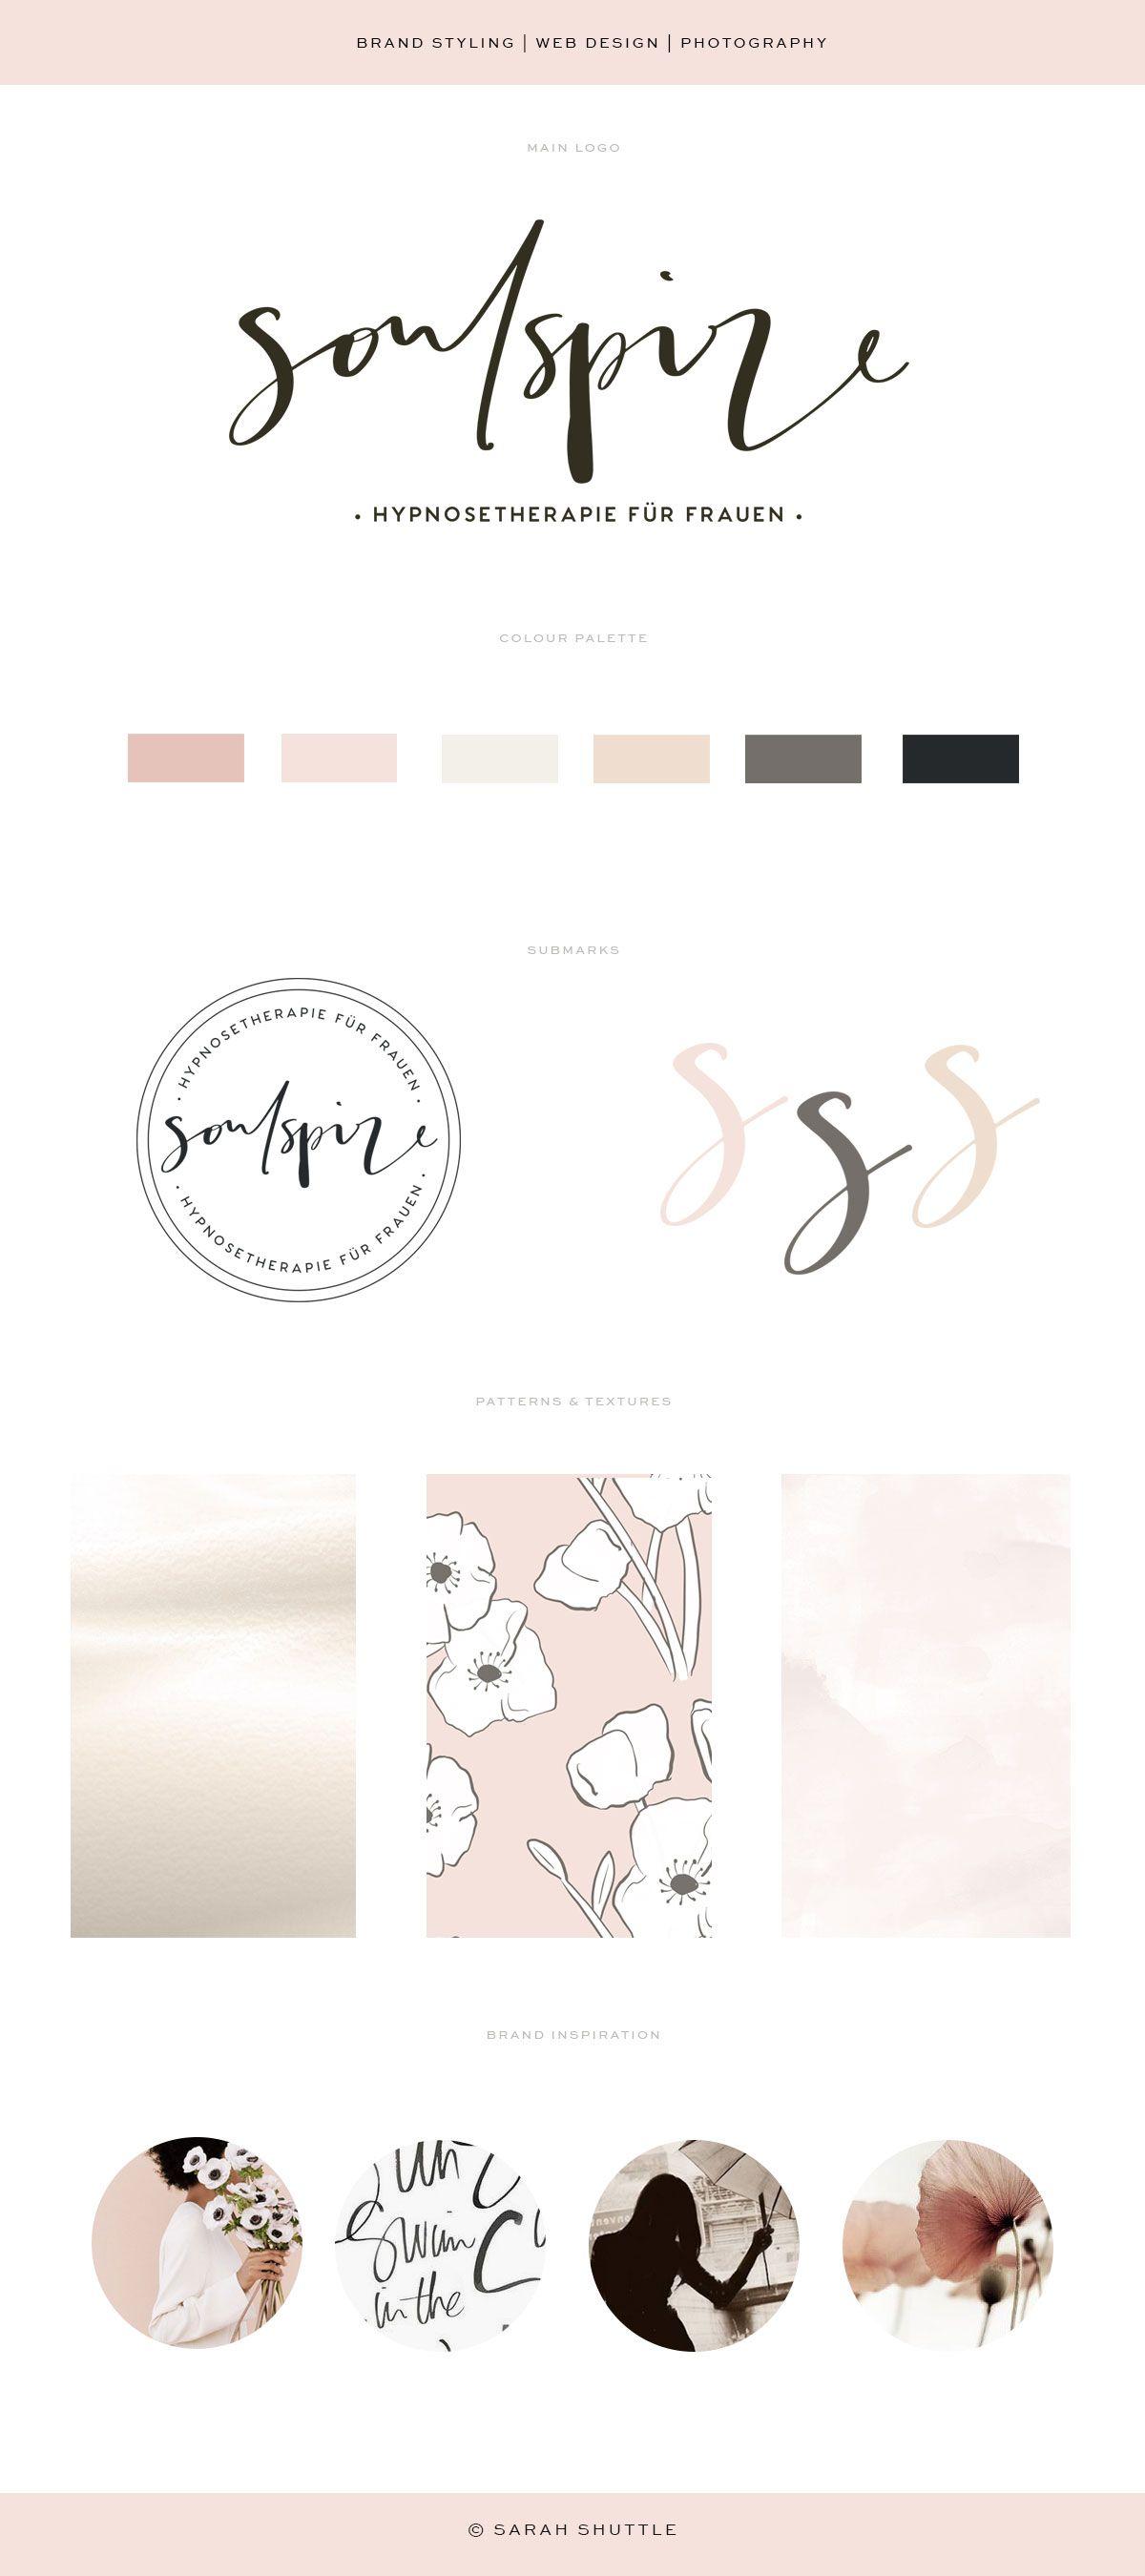 Business Branding For Female Entrepreneur Logo Design Luxury Brand Design Luxury Branding Design Hand Lettering Logo Florist Brand